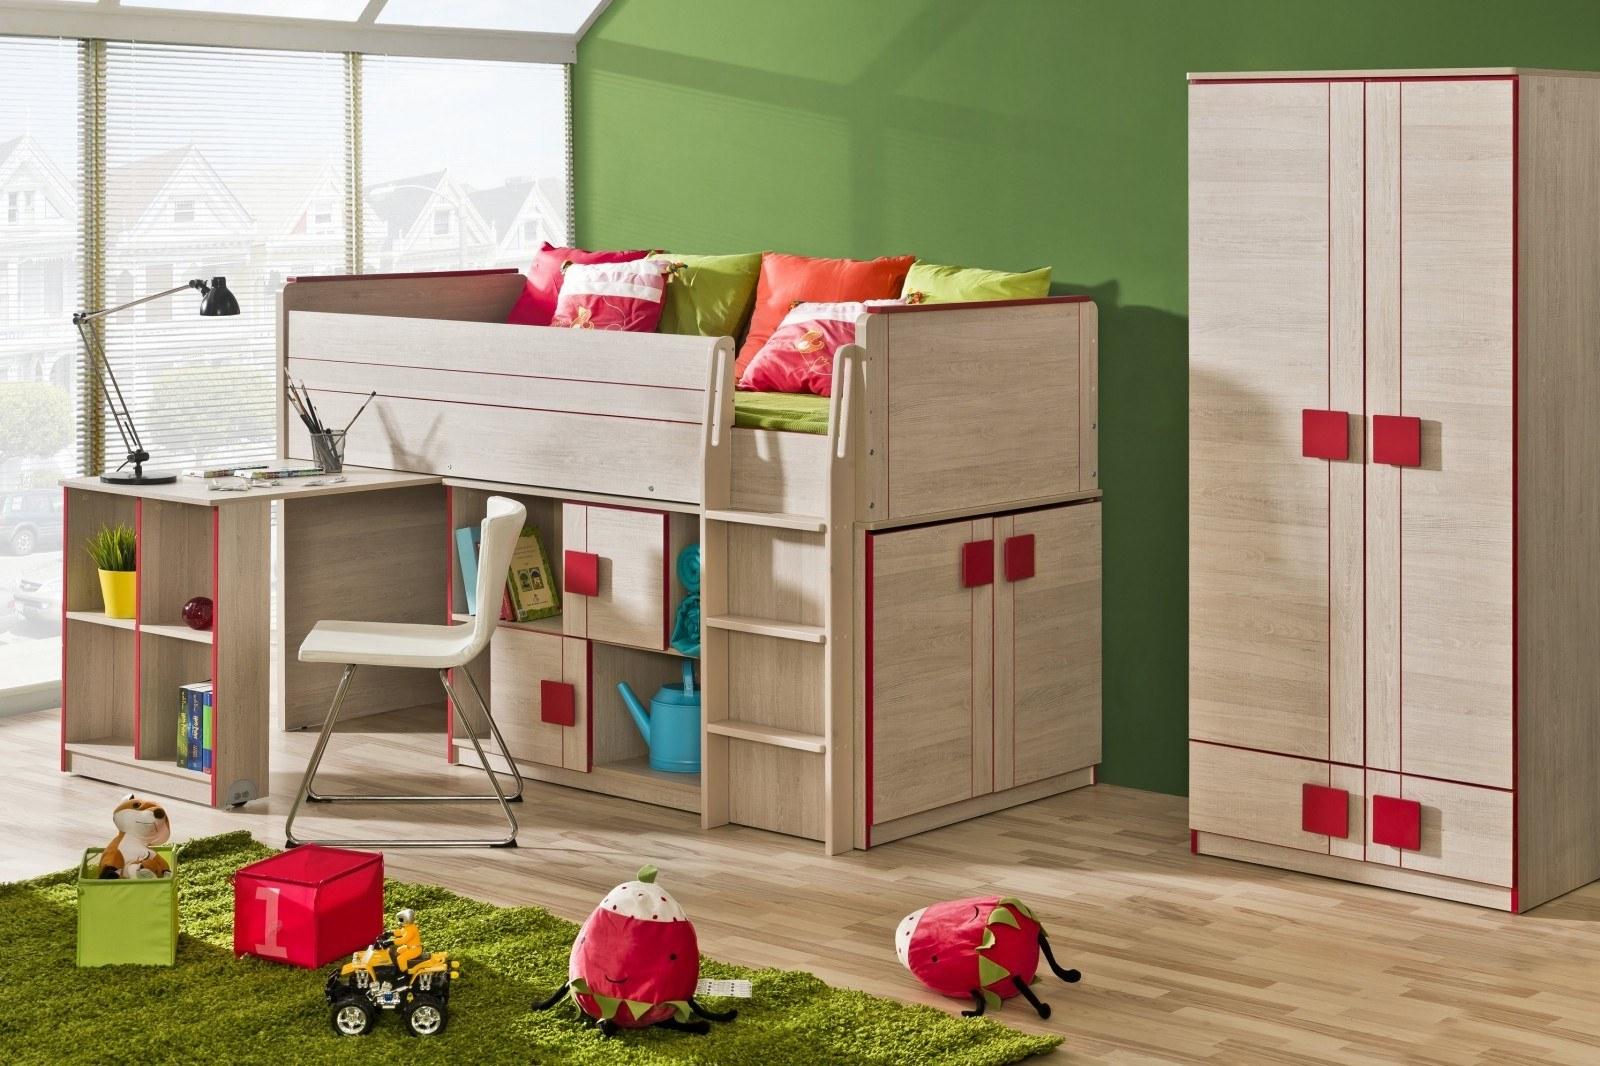 Full Size of Majugendzimmer Komplett Set Mit Hochbett Schreibtisch Regale Kinderzimmer Regal Weiß Sofa Kinderzimmer Kinderzimmer Hochbett